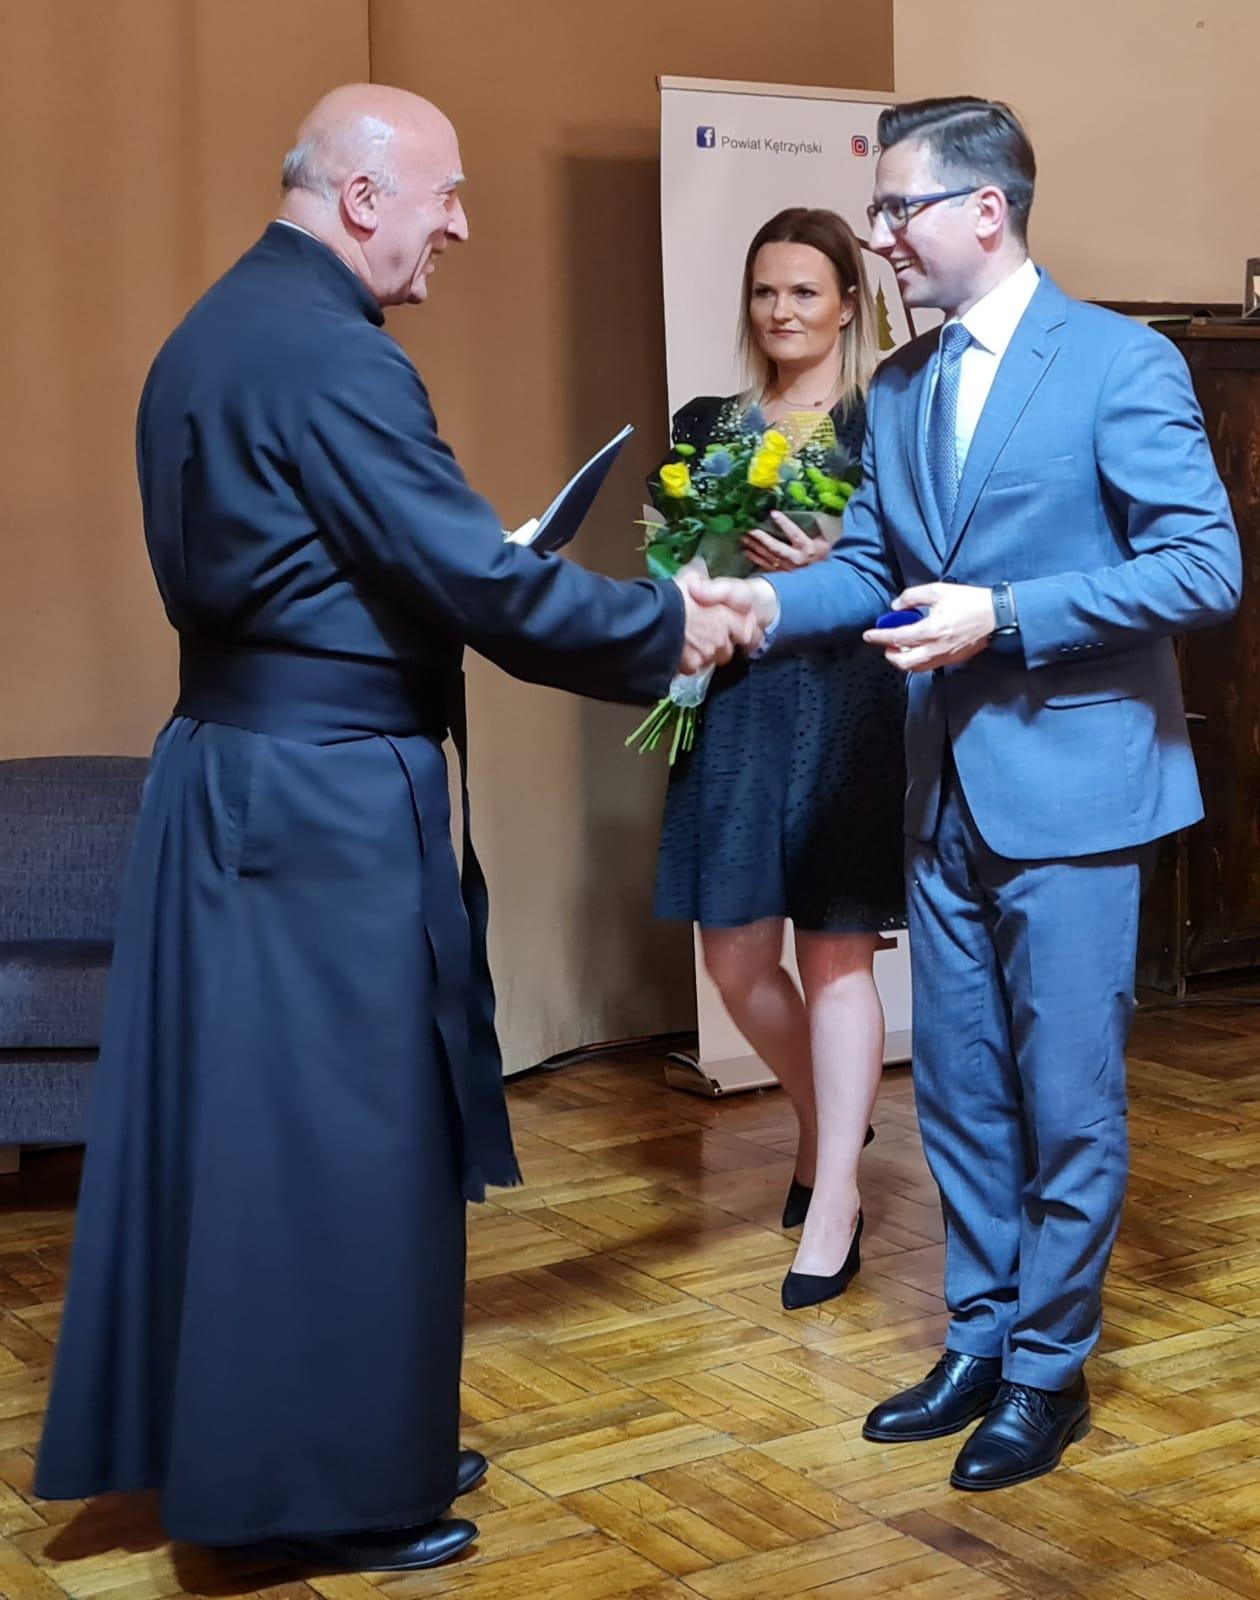 zdjęcie przedstawia laureta Ks. Aleksandra Jacyniaka, Starostę Michała Kochanowskiego, oraz konferansjera uroczystości